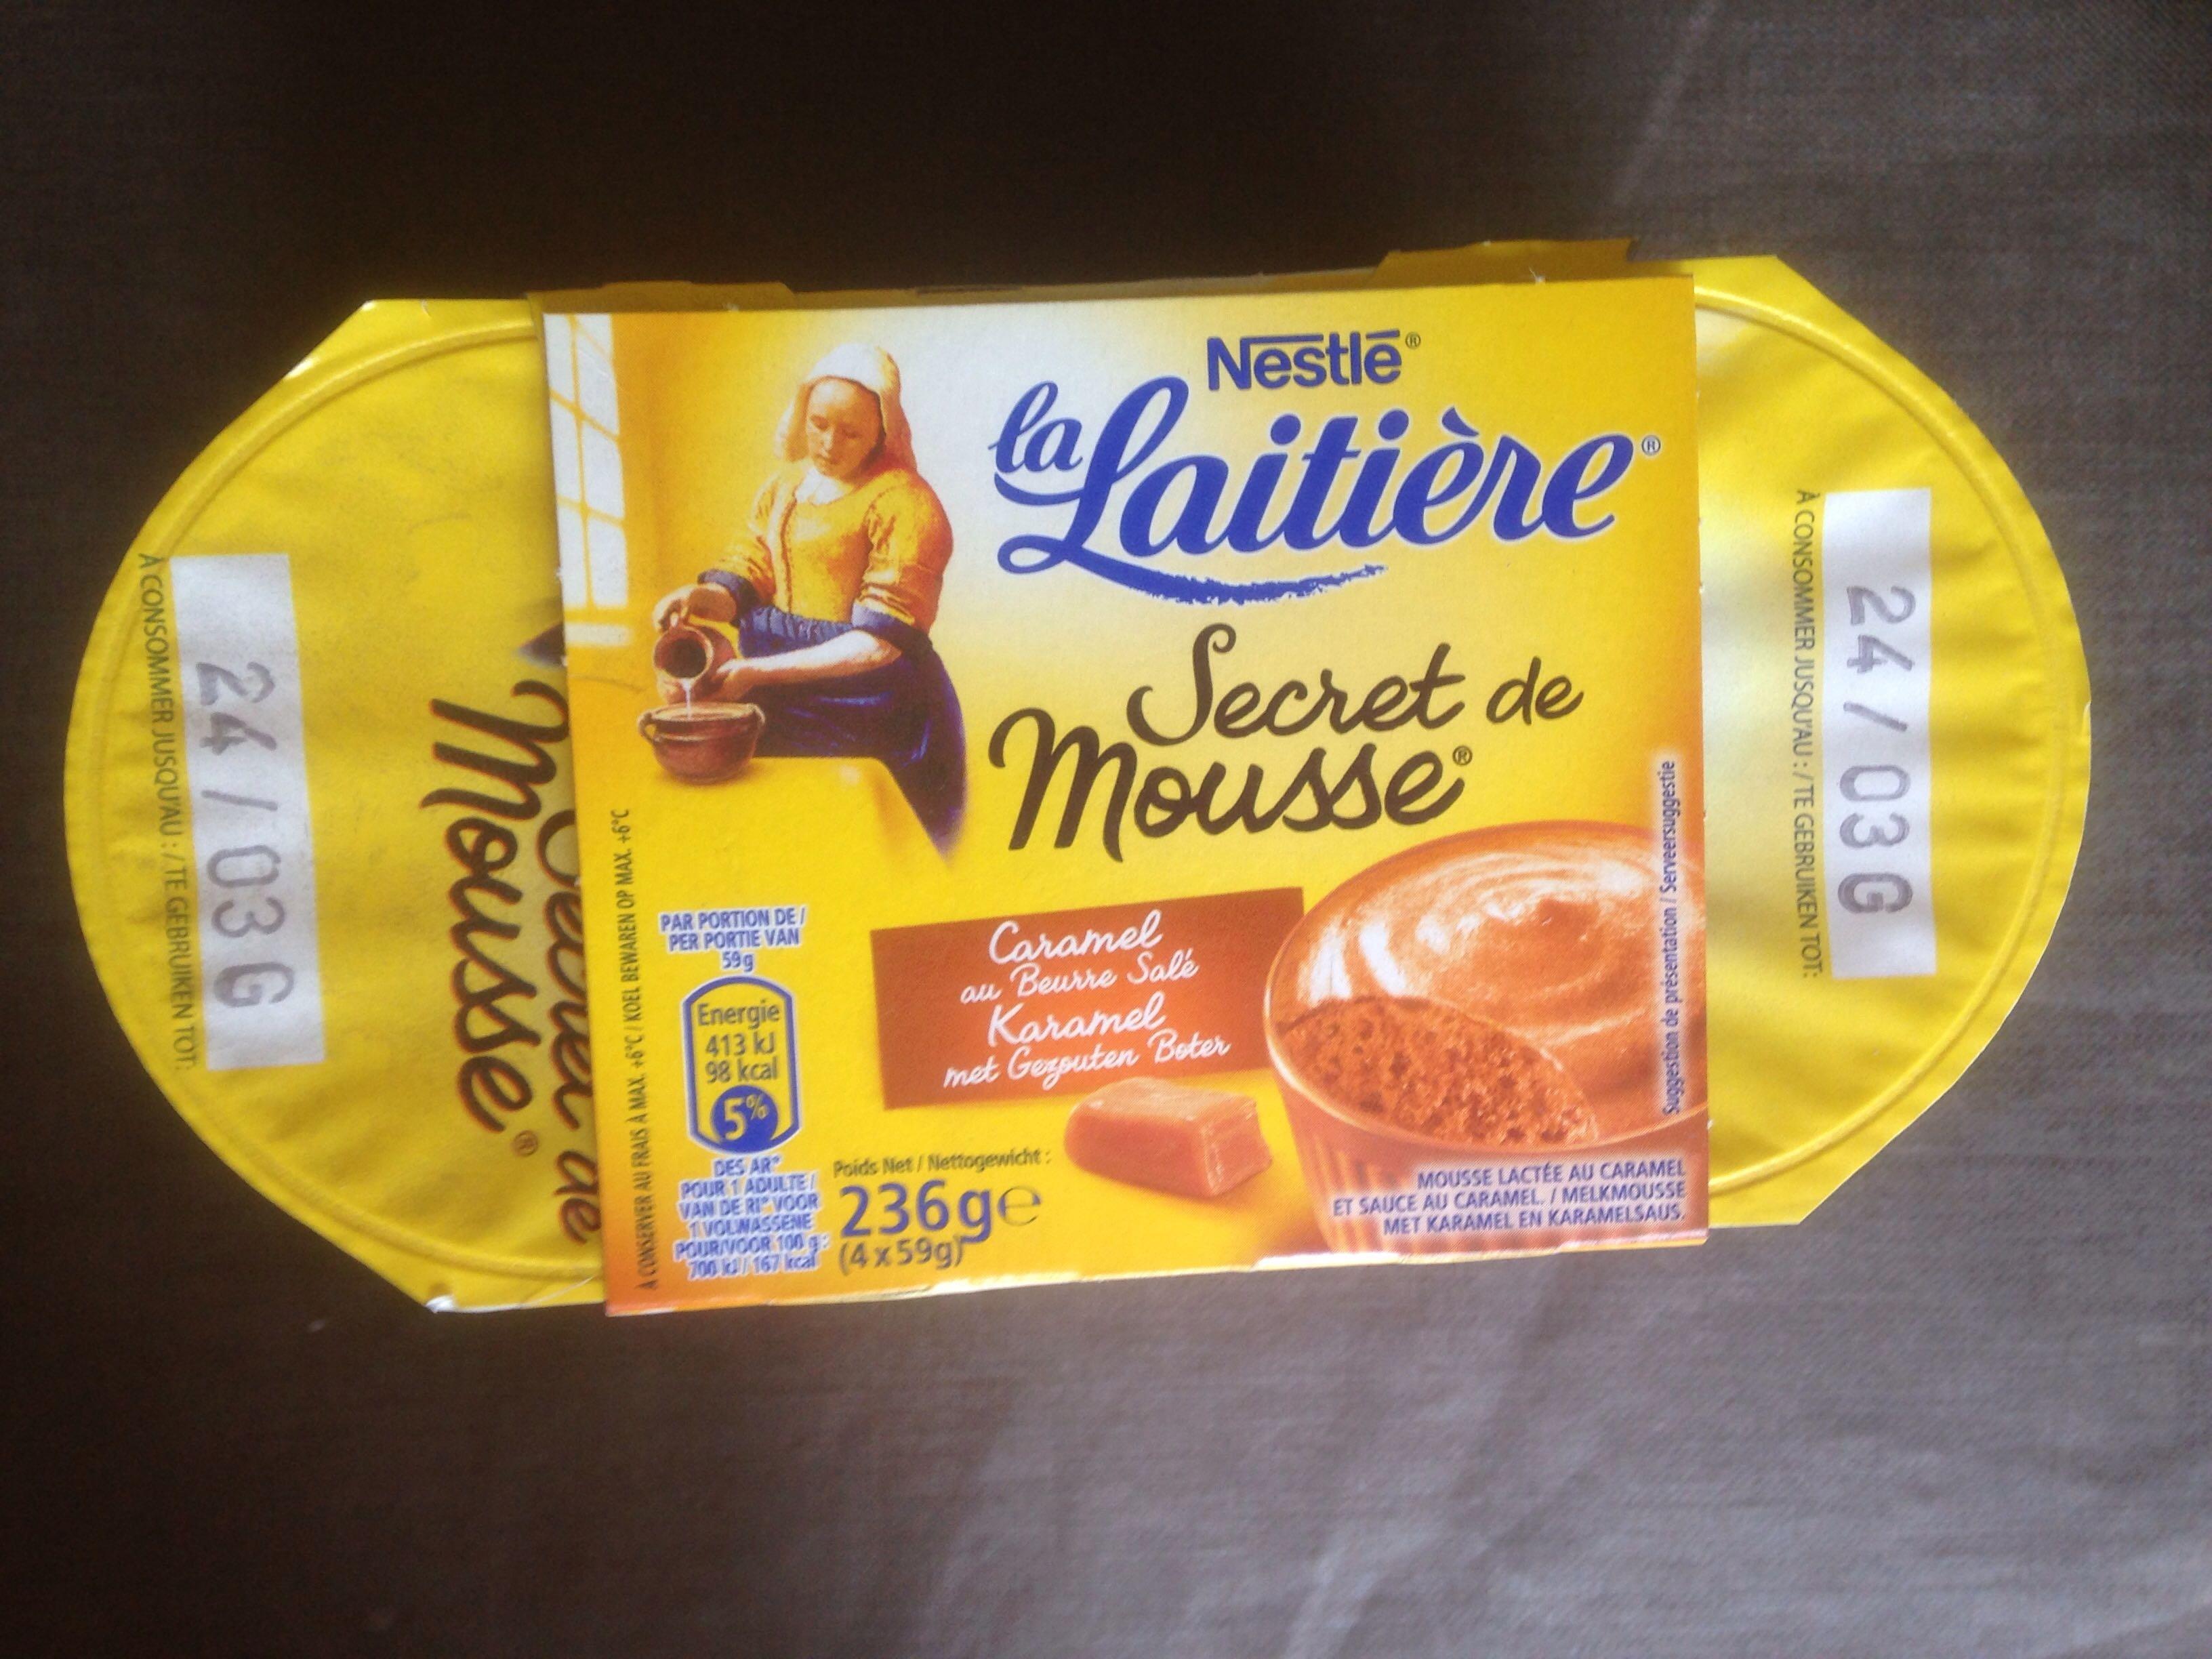 Secret de Mousse Caramel Beurre Salé - Product